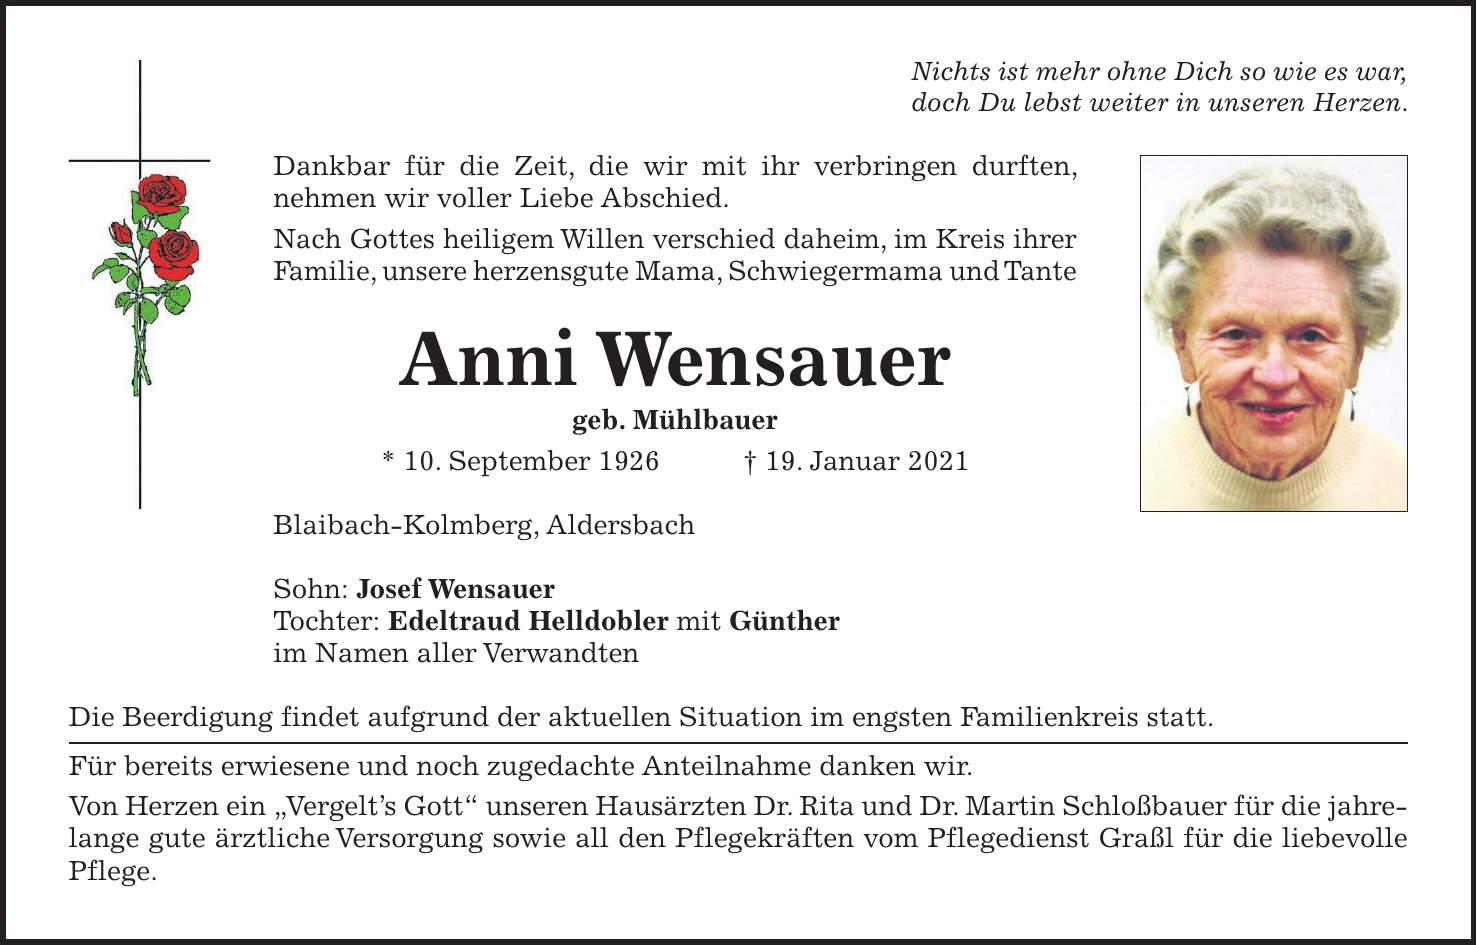 Dr Schlossbauer